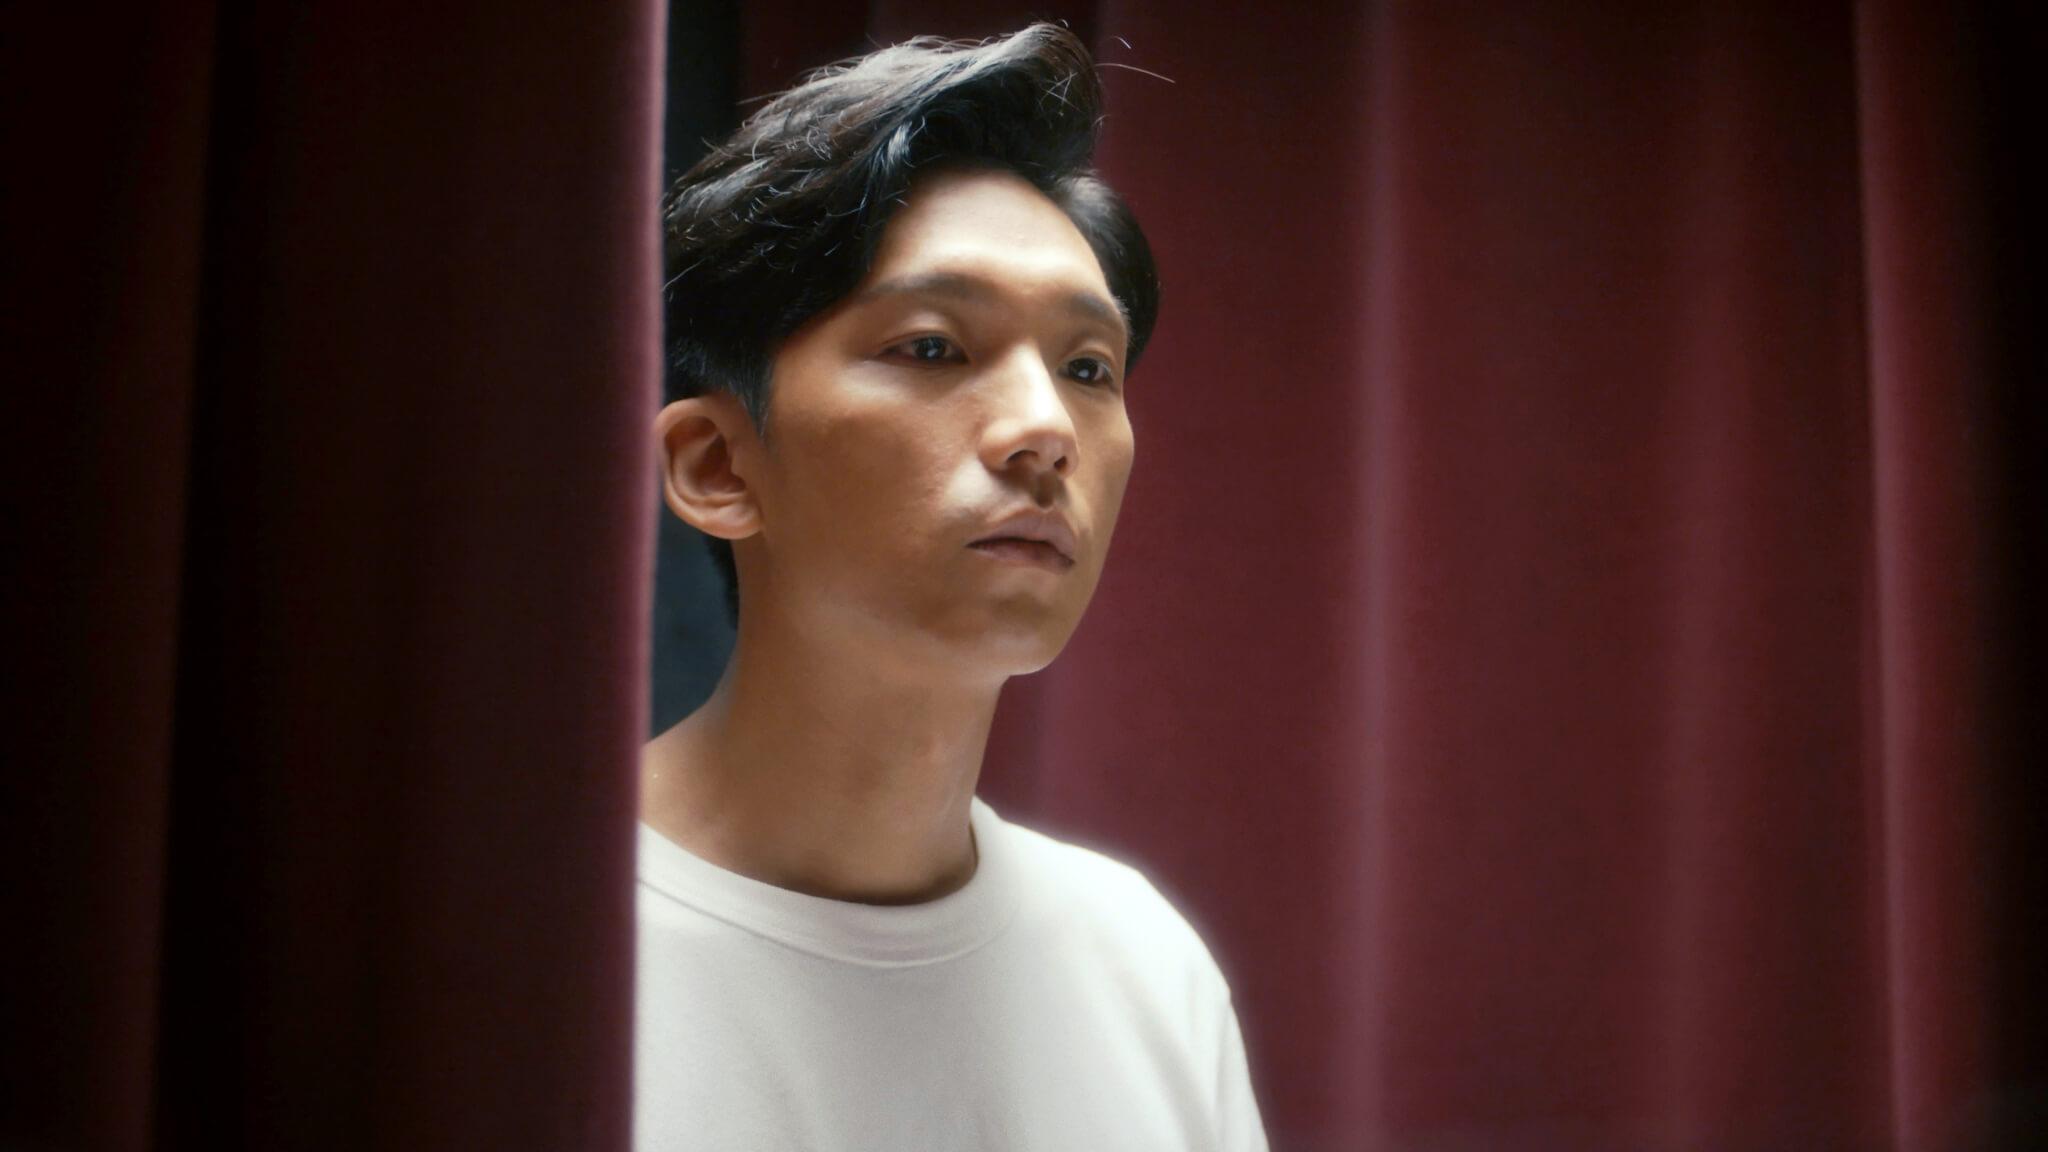 盧鎮業(小野)為《一雙》的男主角,演繹被綁手老人年輕時各個重要時刻。